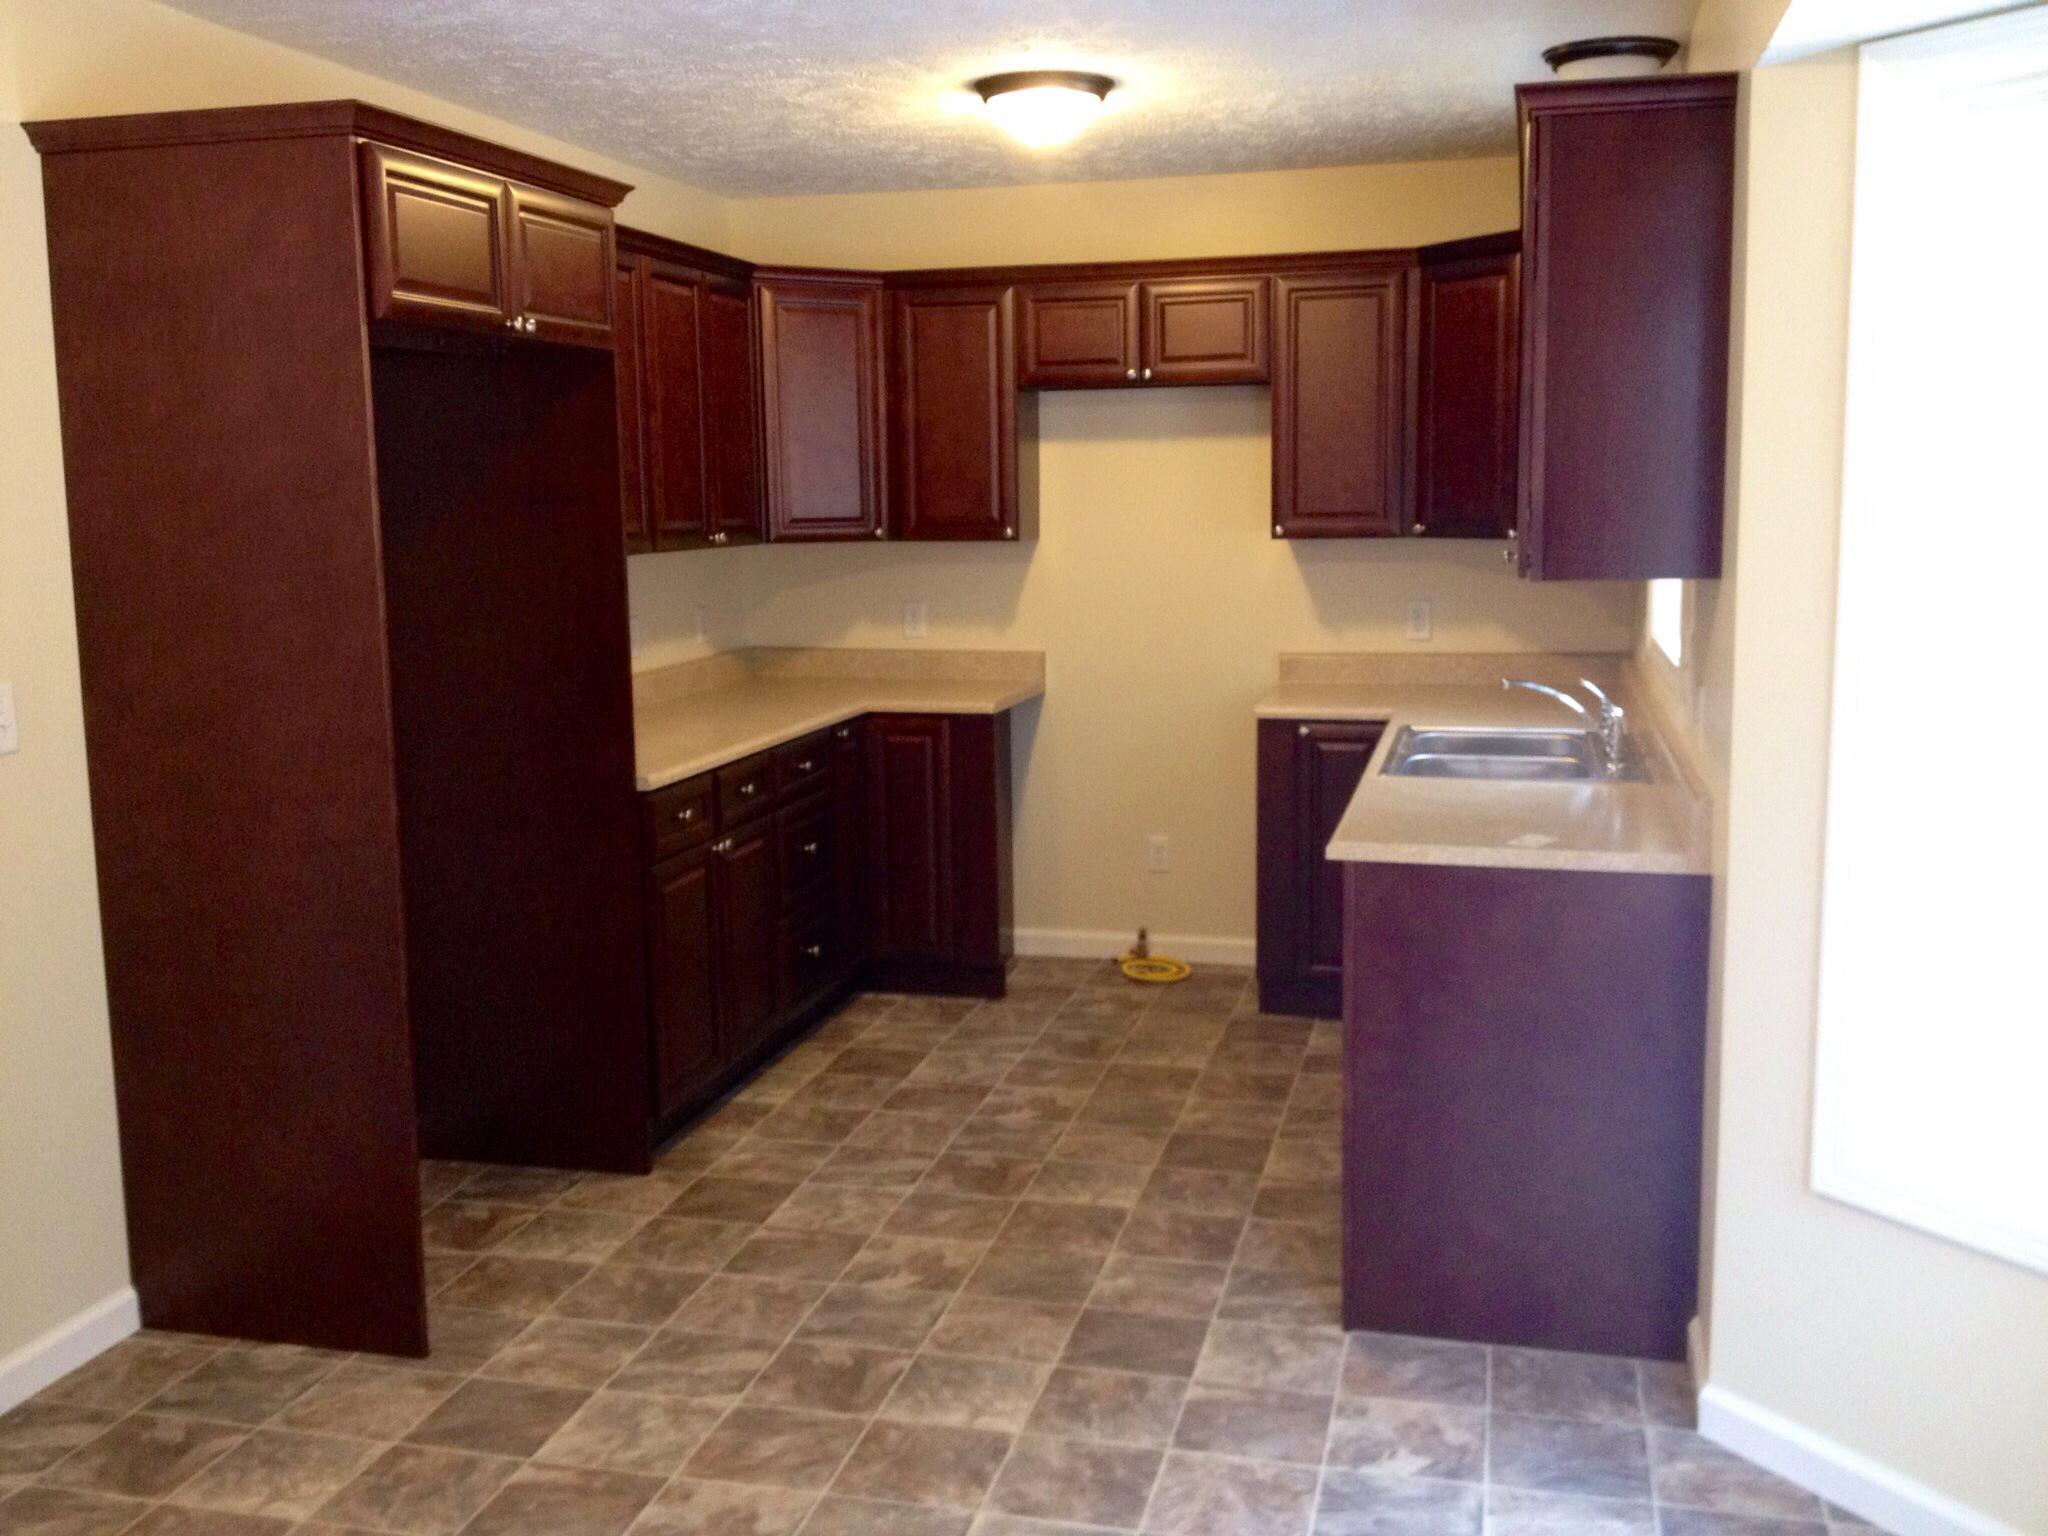 10 x 10 u shaped kitchen photo - 2